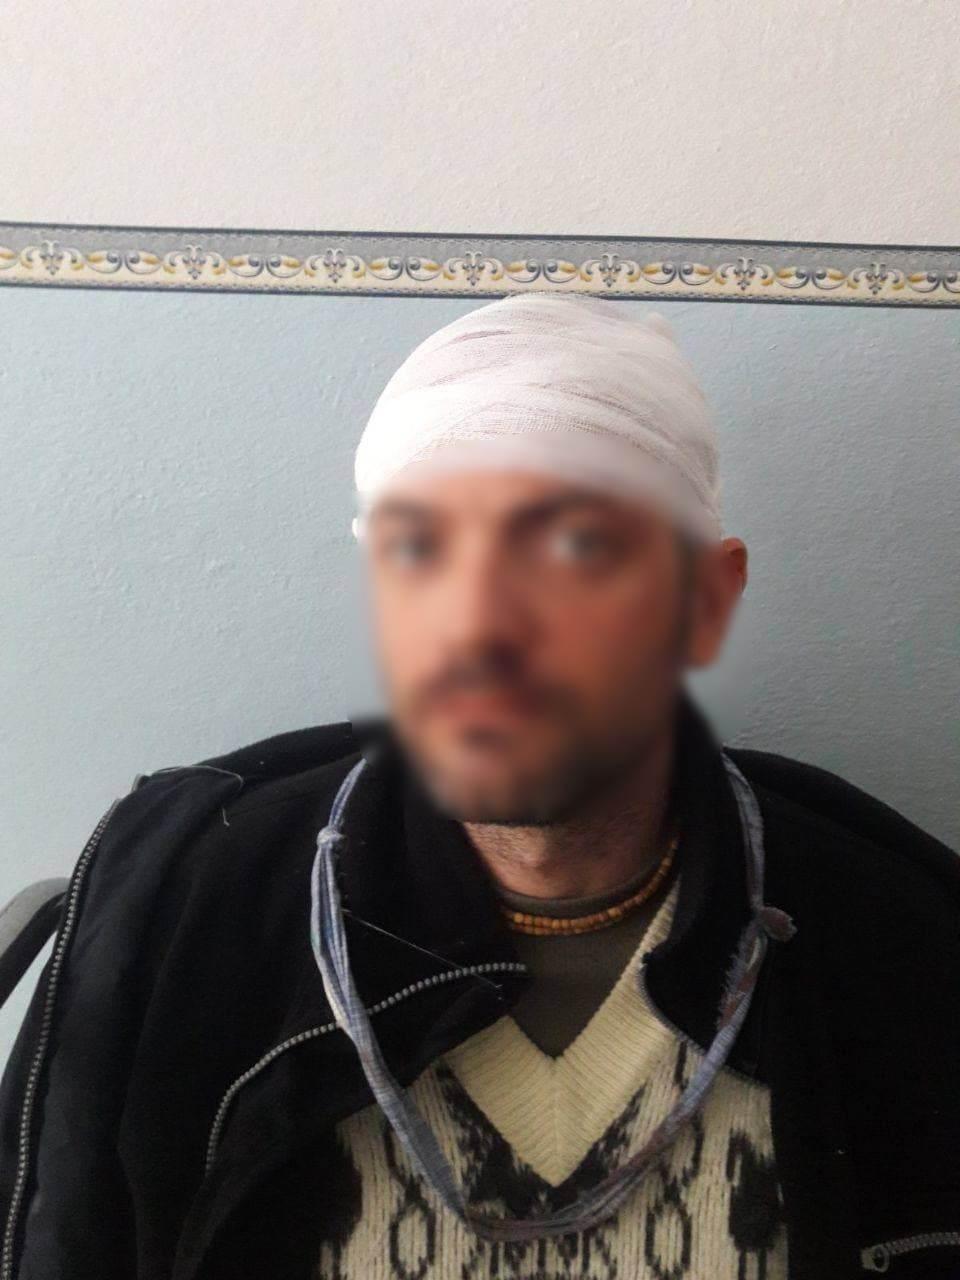 Журналист опубликовал фото подозреваемого.